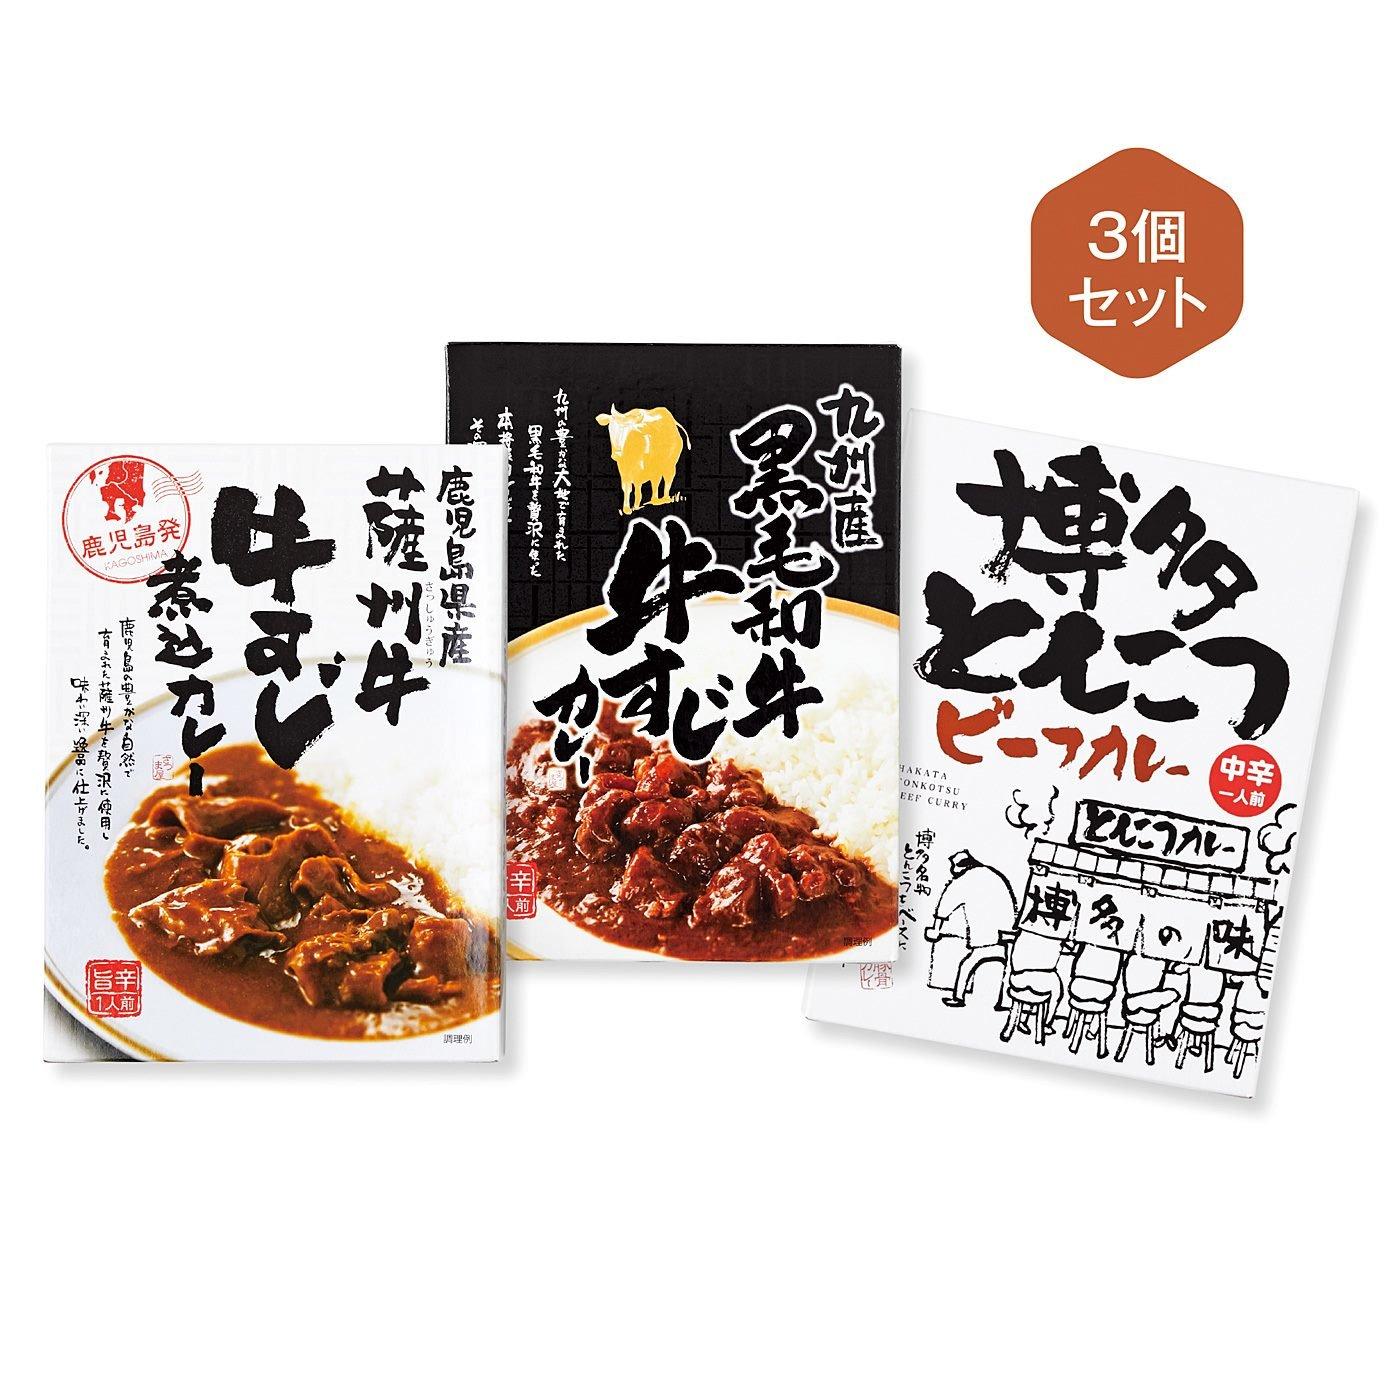 博多の食堂で食べたらめちゃ旨かった! 九州のうま味たっぷり さつま屋のカレーセットの会(6回予約)